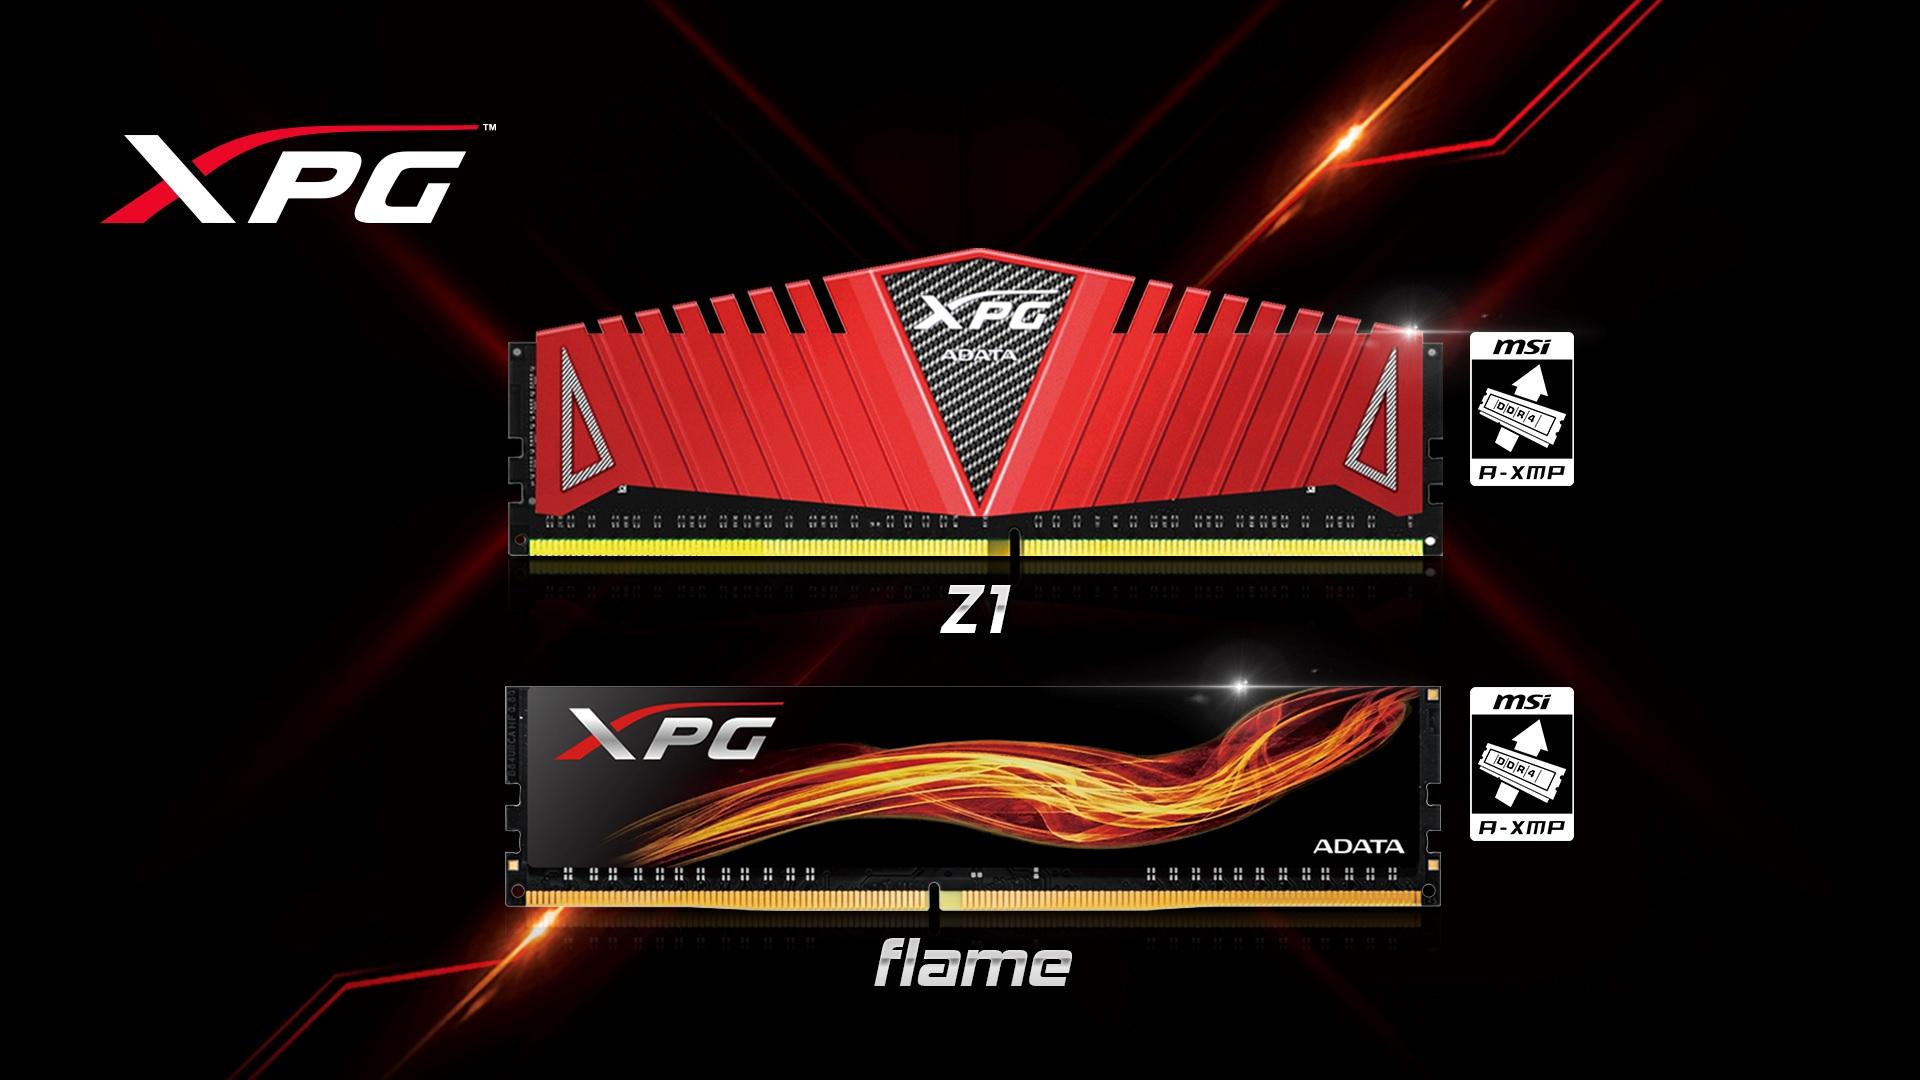 Memoriile ADATA XPG DDR4 validate oficial de către AMD ca fiind compatibile cu AM4/Ryzen